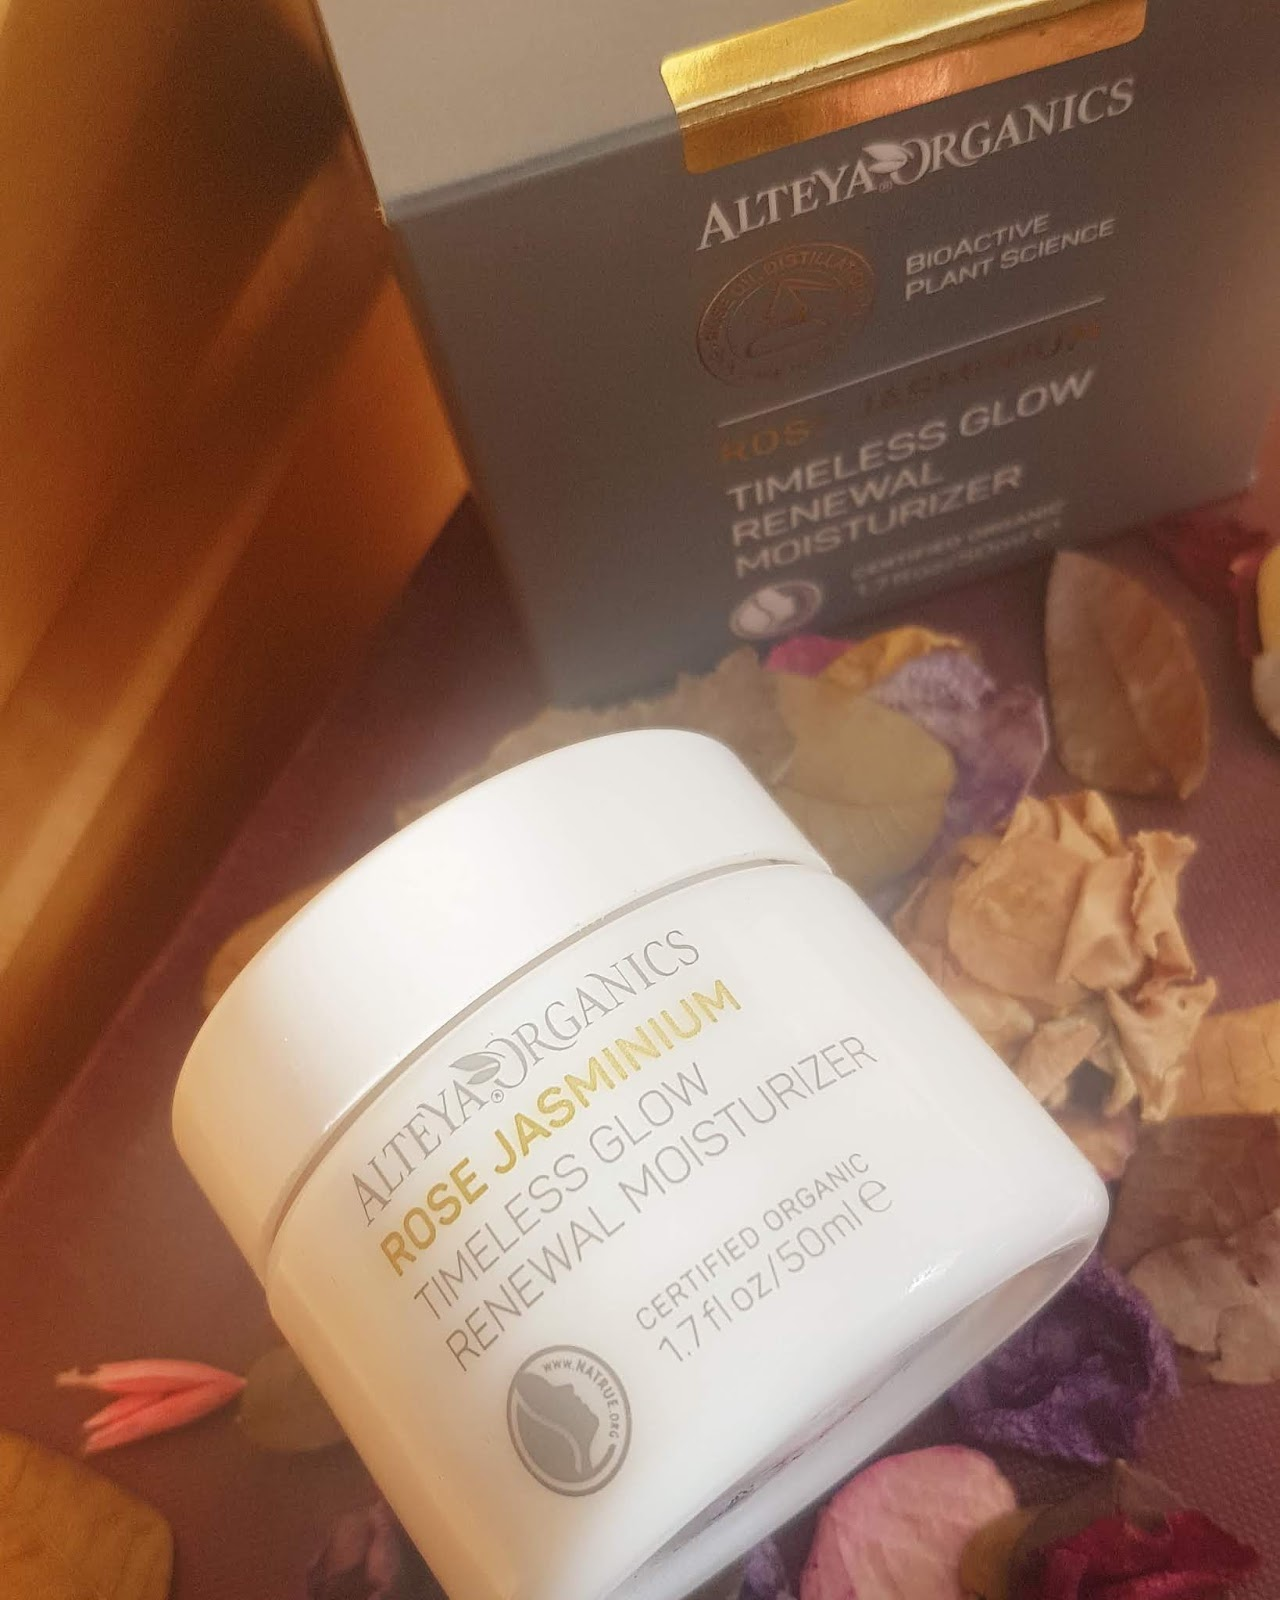 Alteya Organics Timeless Glow Moisturizer